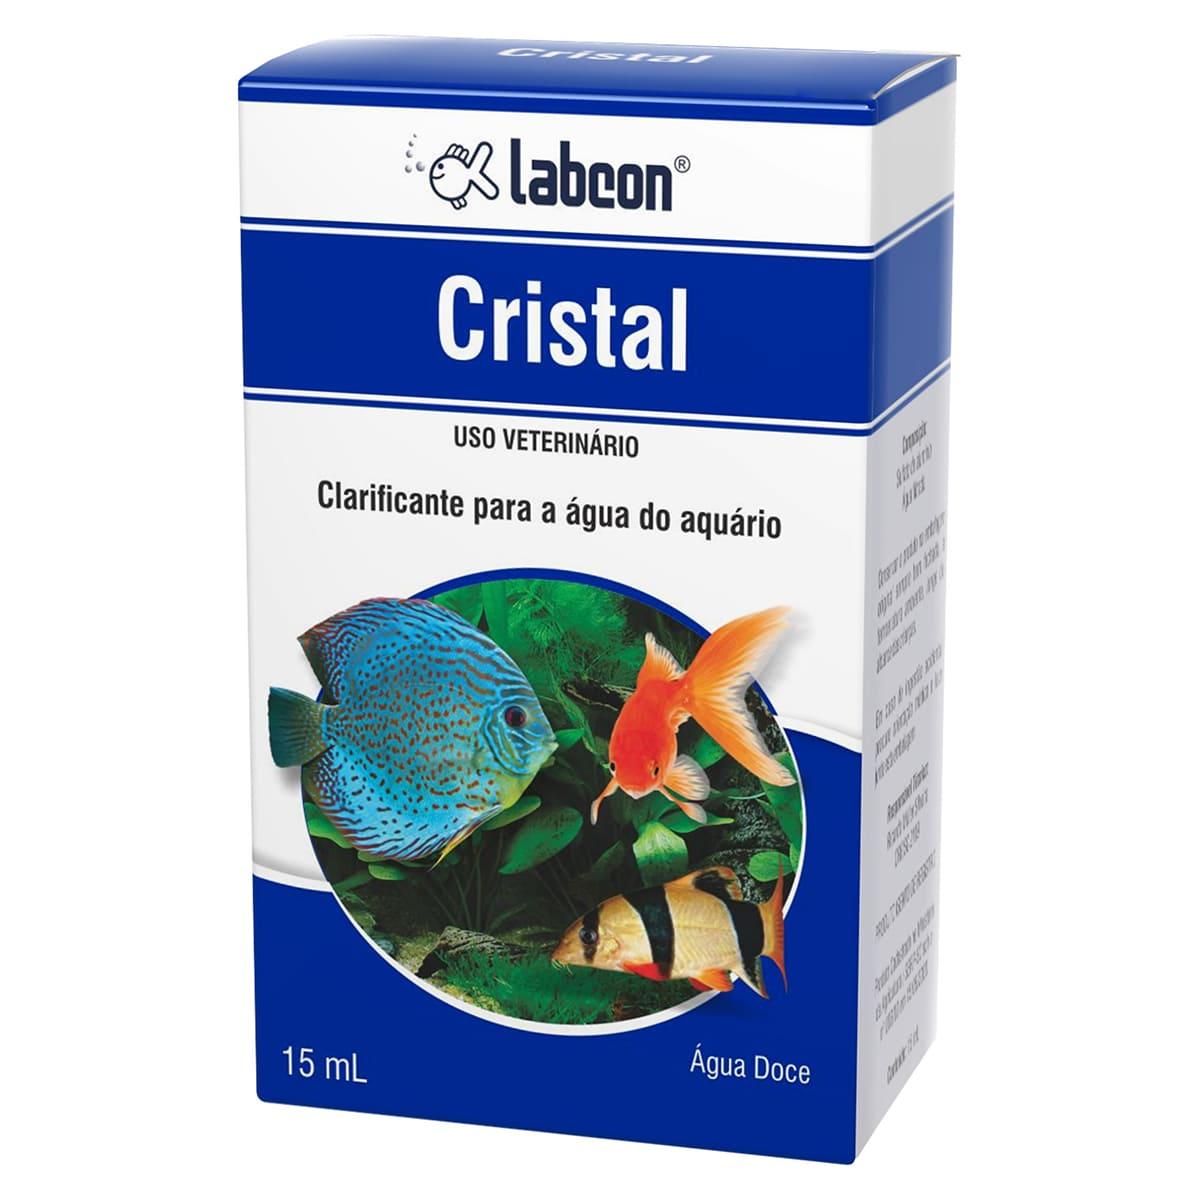 Clarificante Alcon Labcon Cristal 15ml